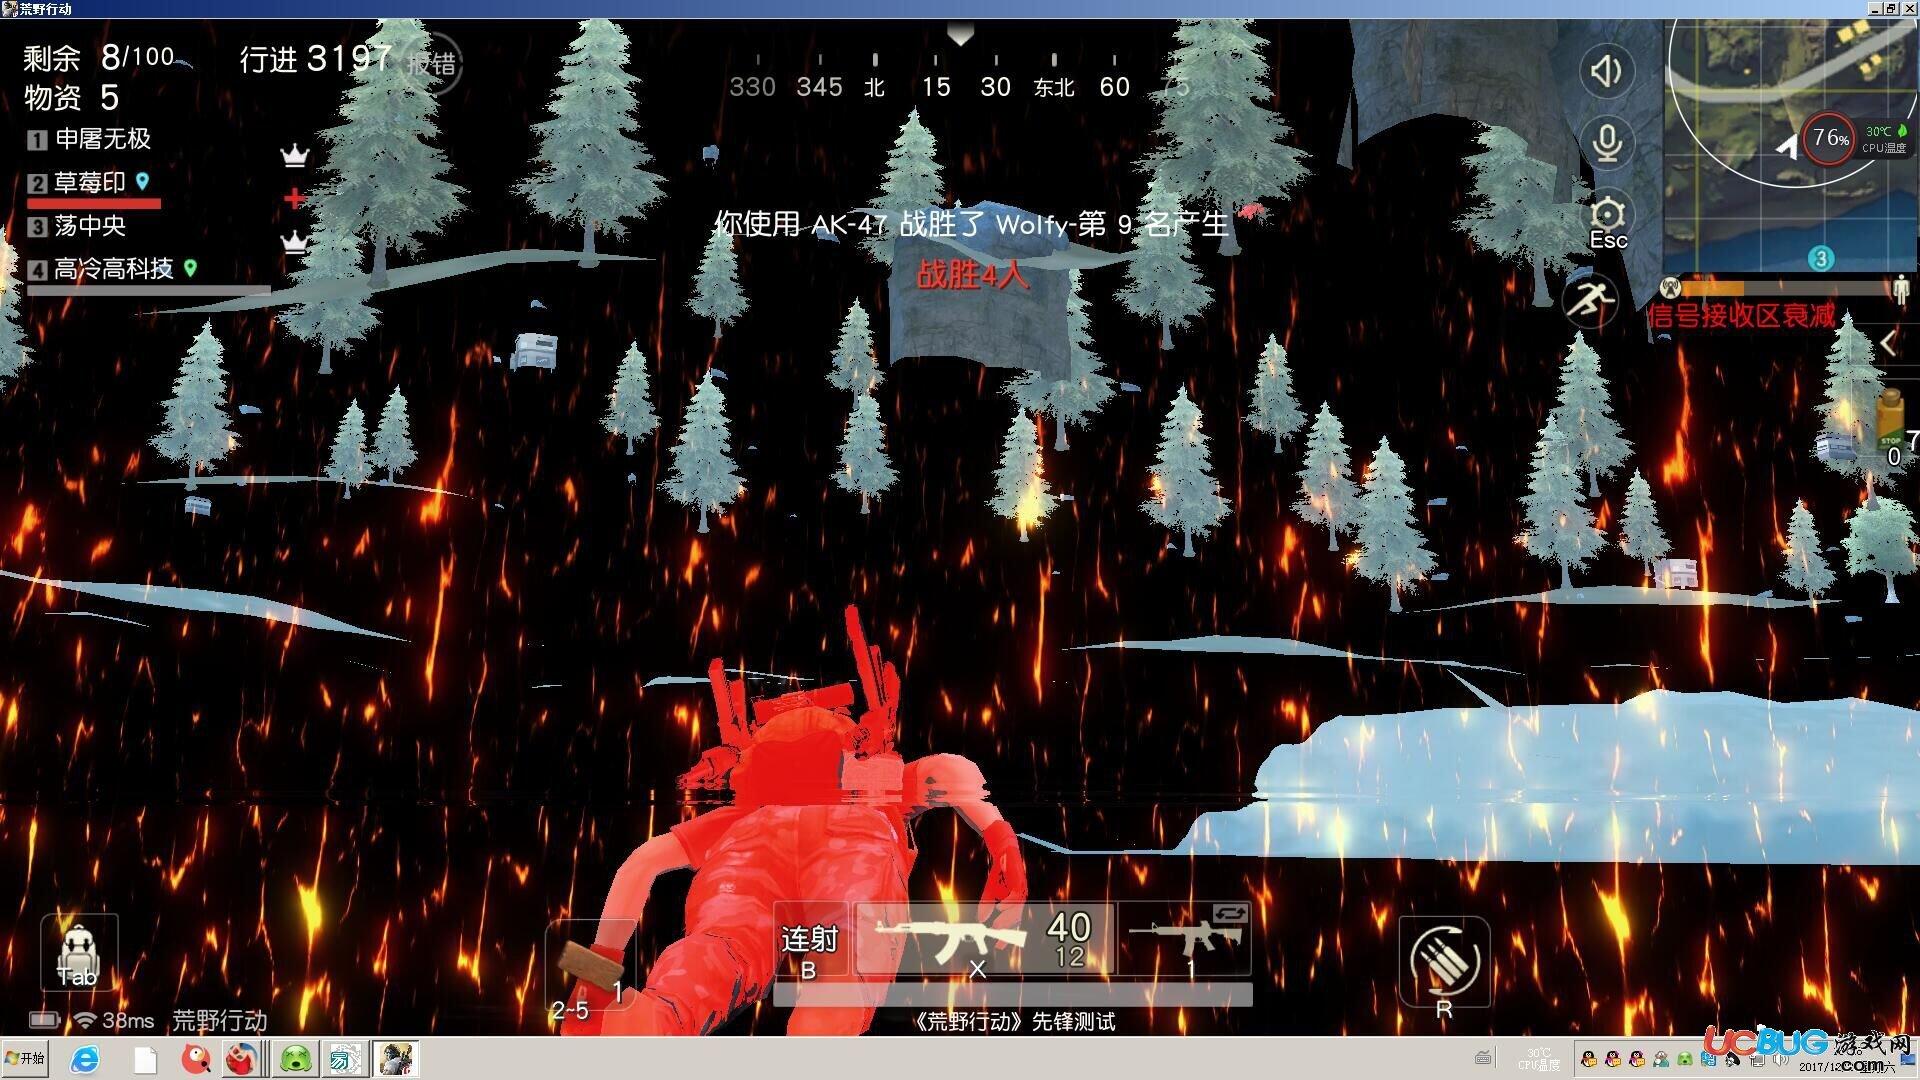 PC版荒野行动唐唐吃鸡助手V1.0 最新版